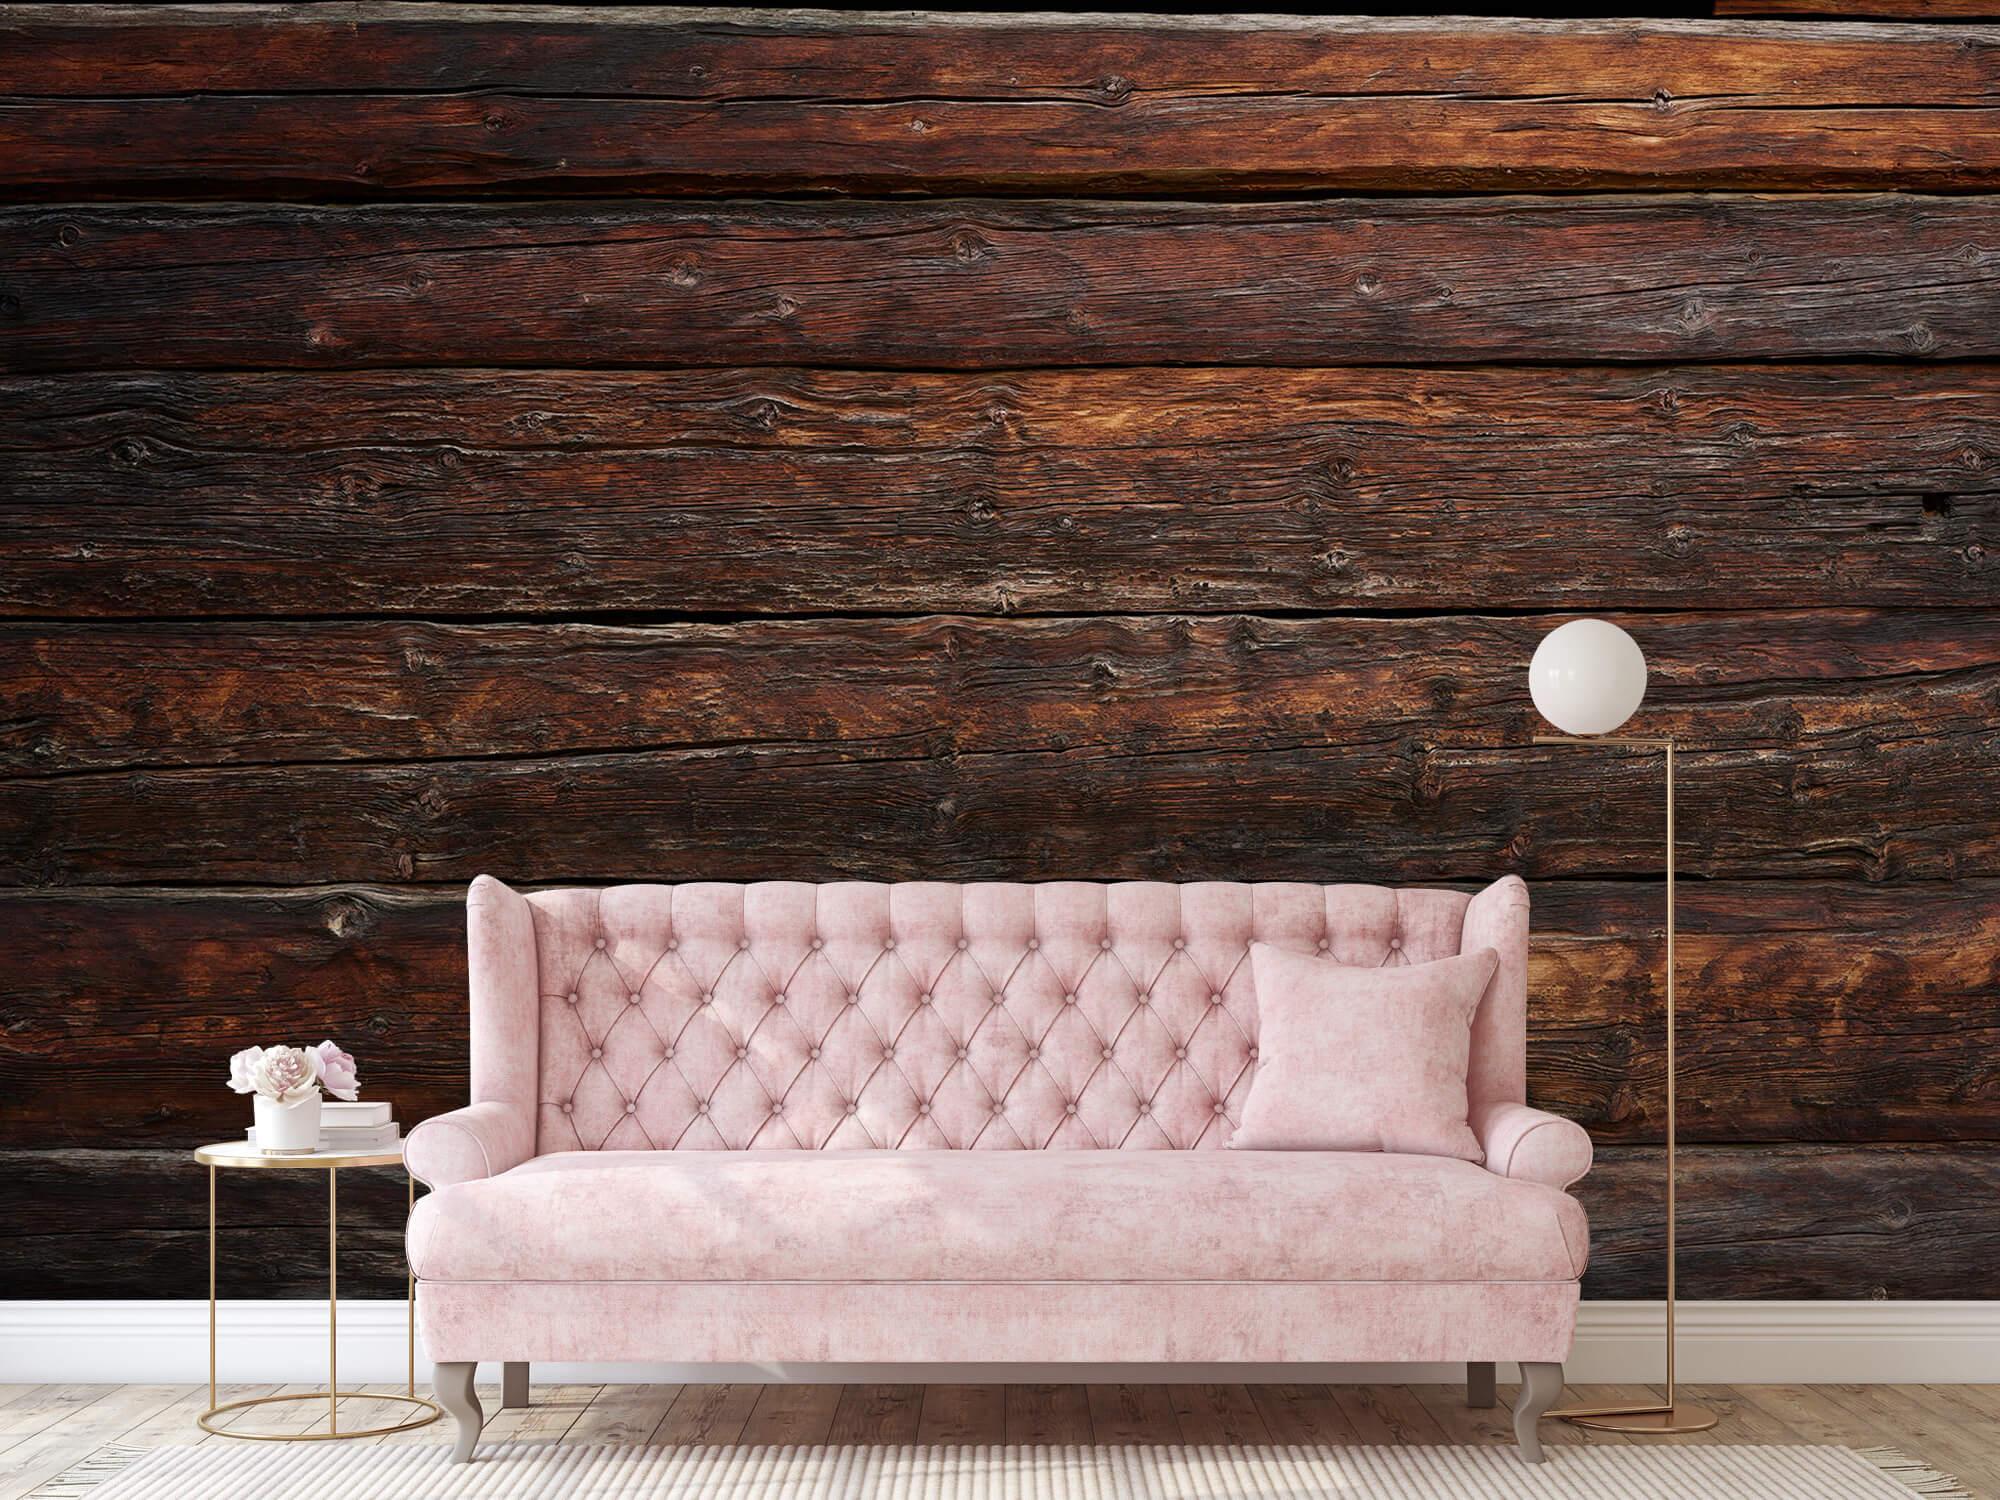 Wooden wallpaper - Coarse wood - Bedroom 7